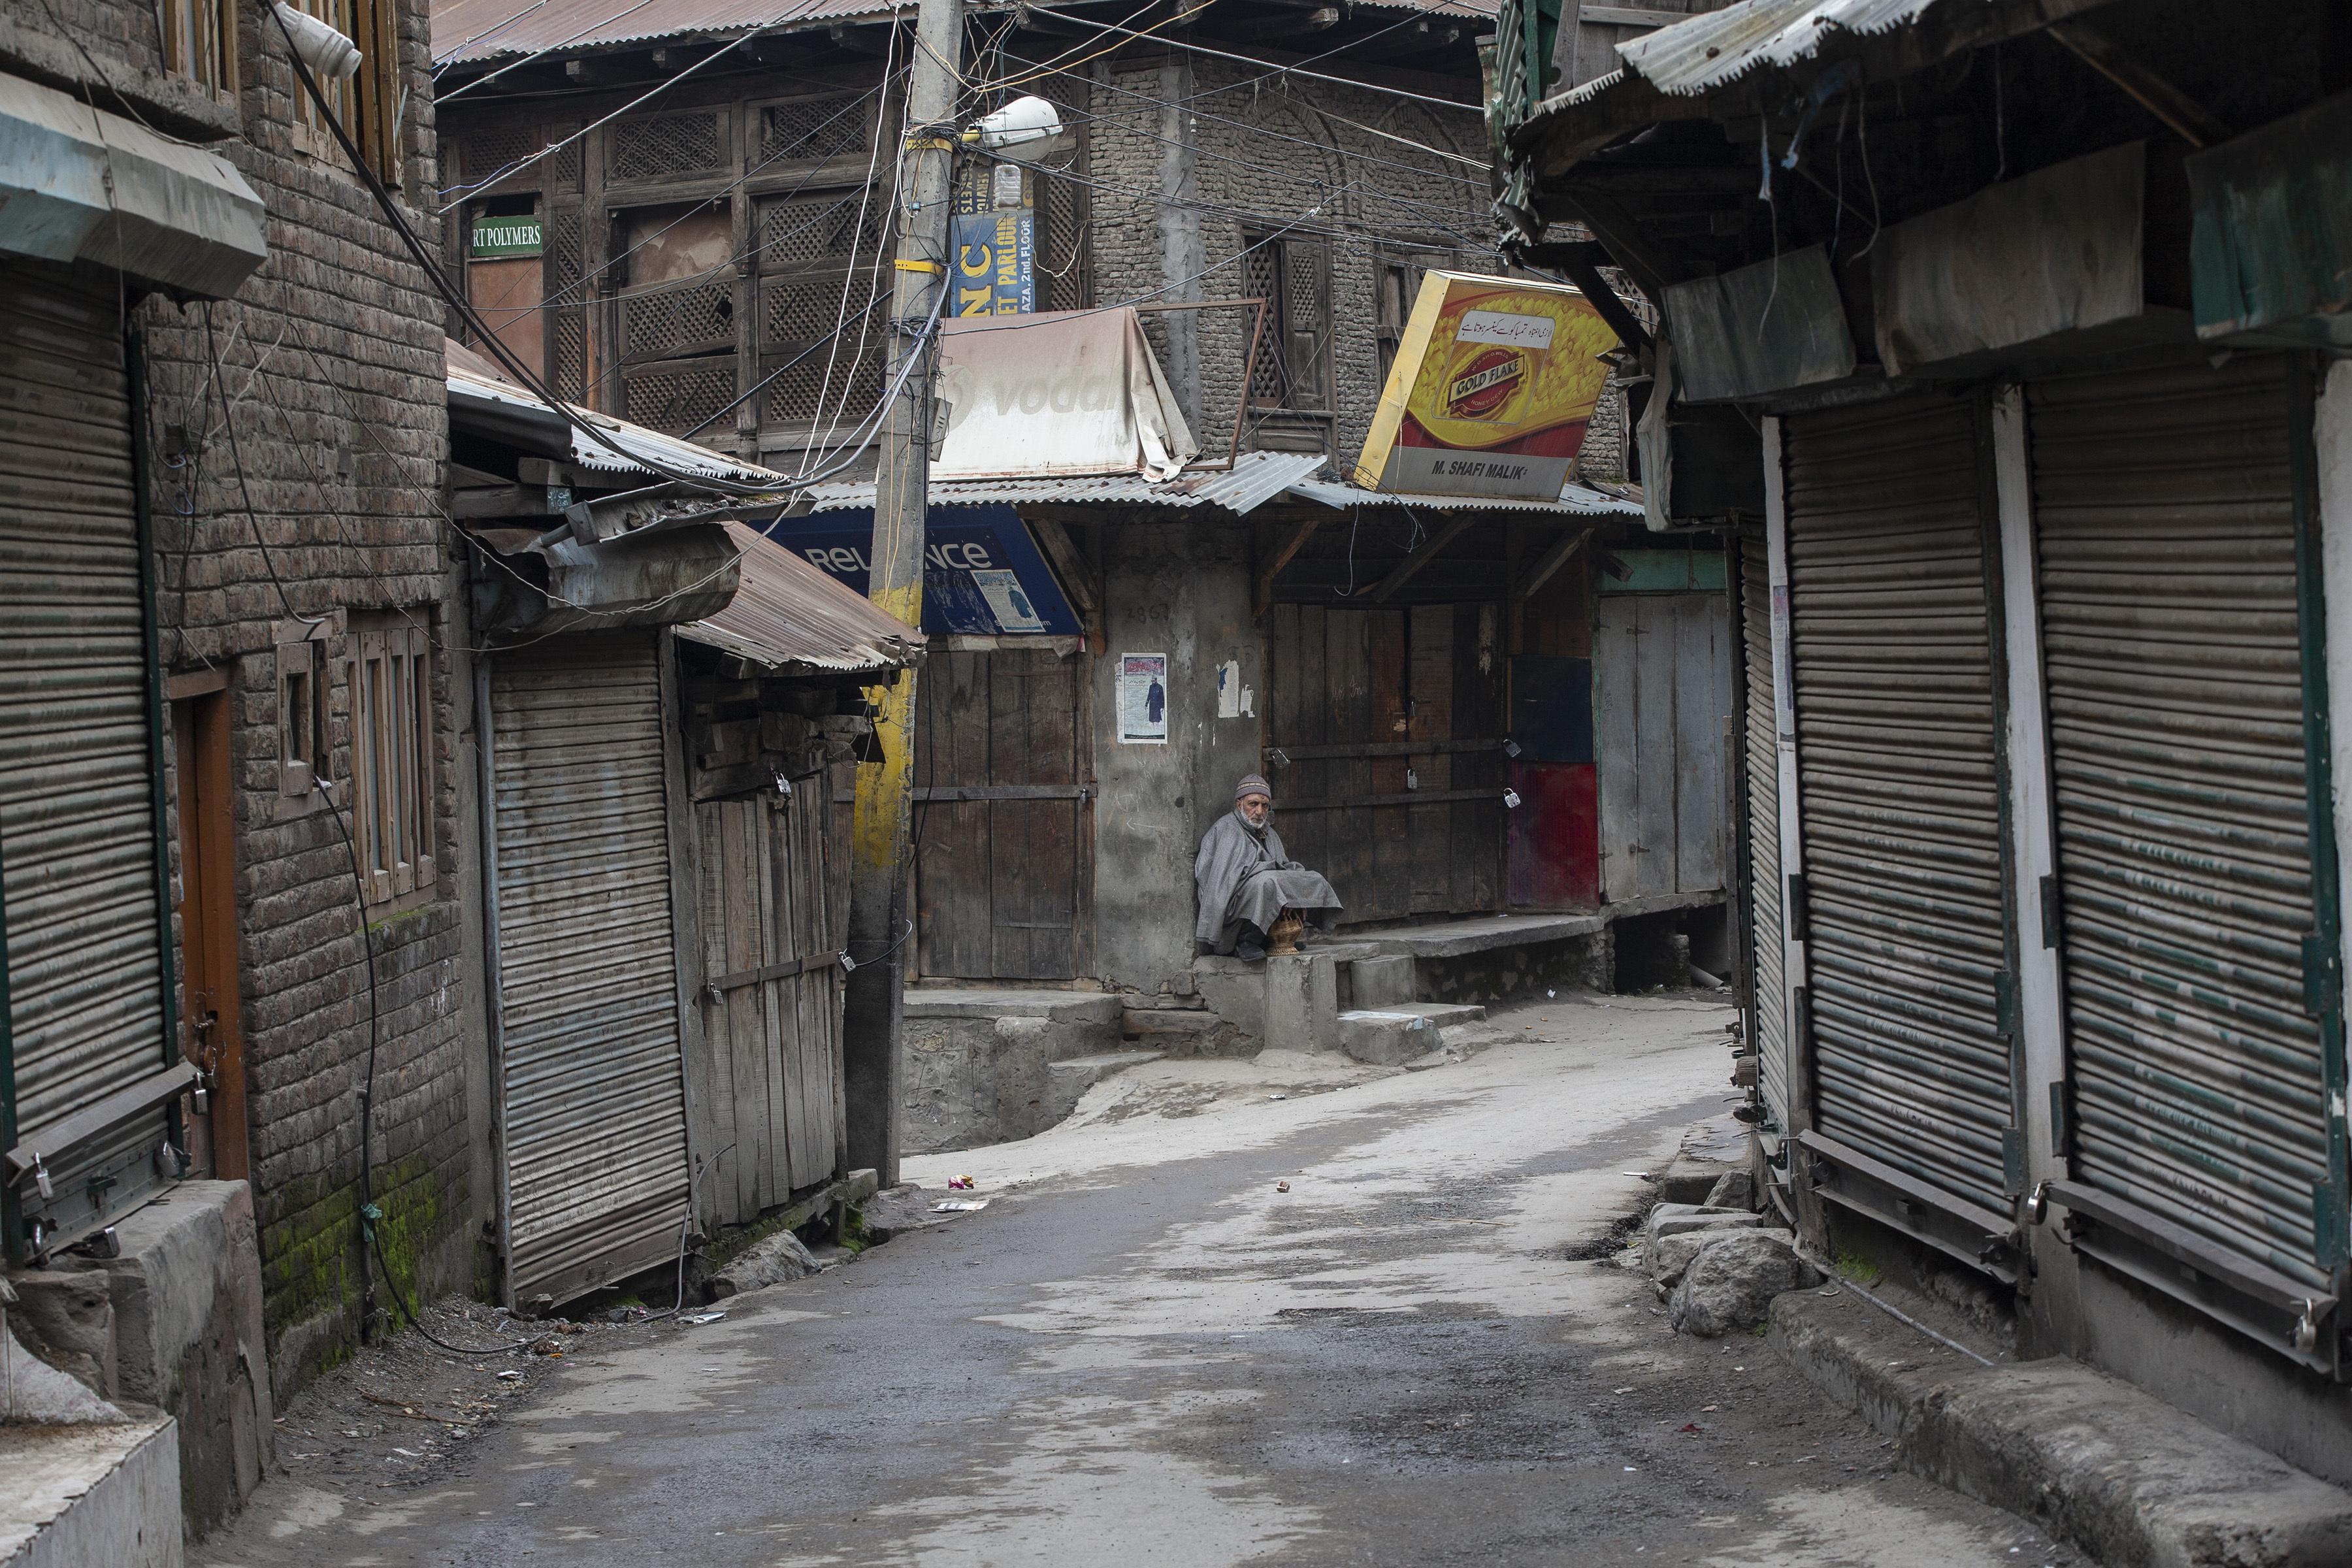 Un anciano de Cachemira se sienta afuera de un mercado cerrado durante una huelga en Srinagar, Cachemira. (Foto AP / Dar Yasin)